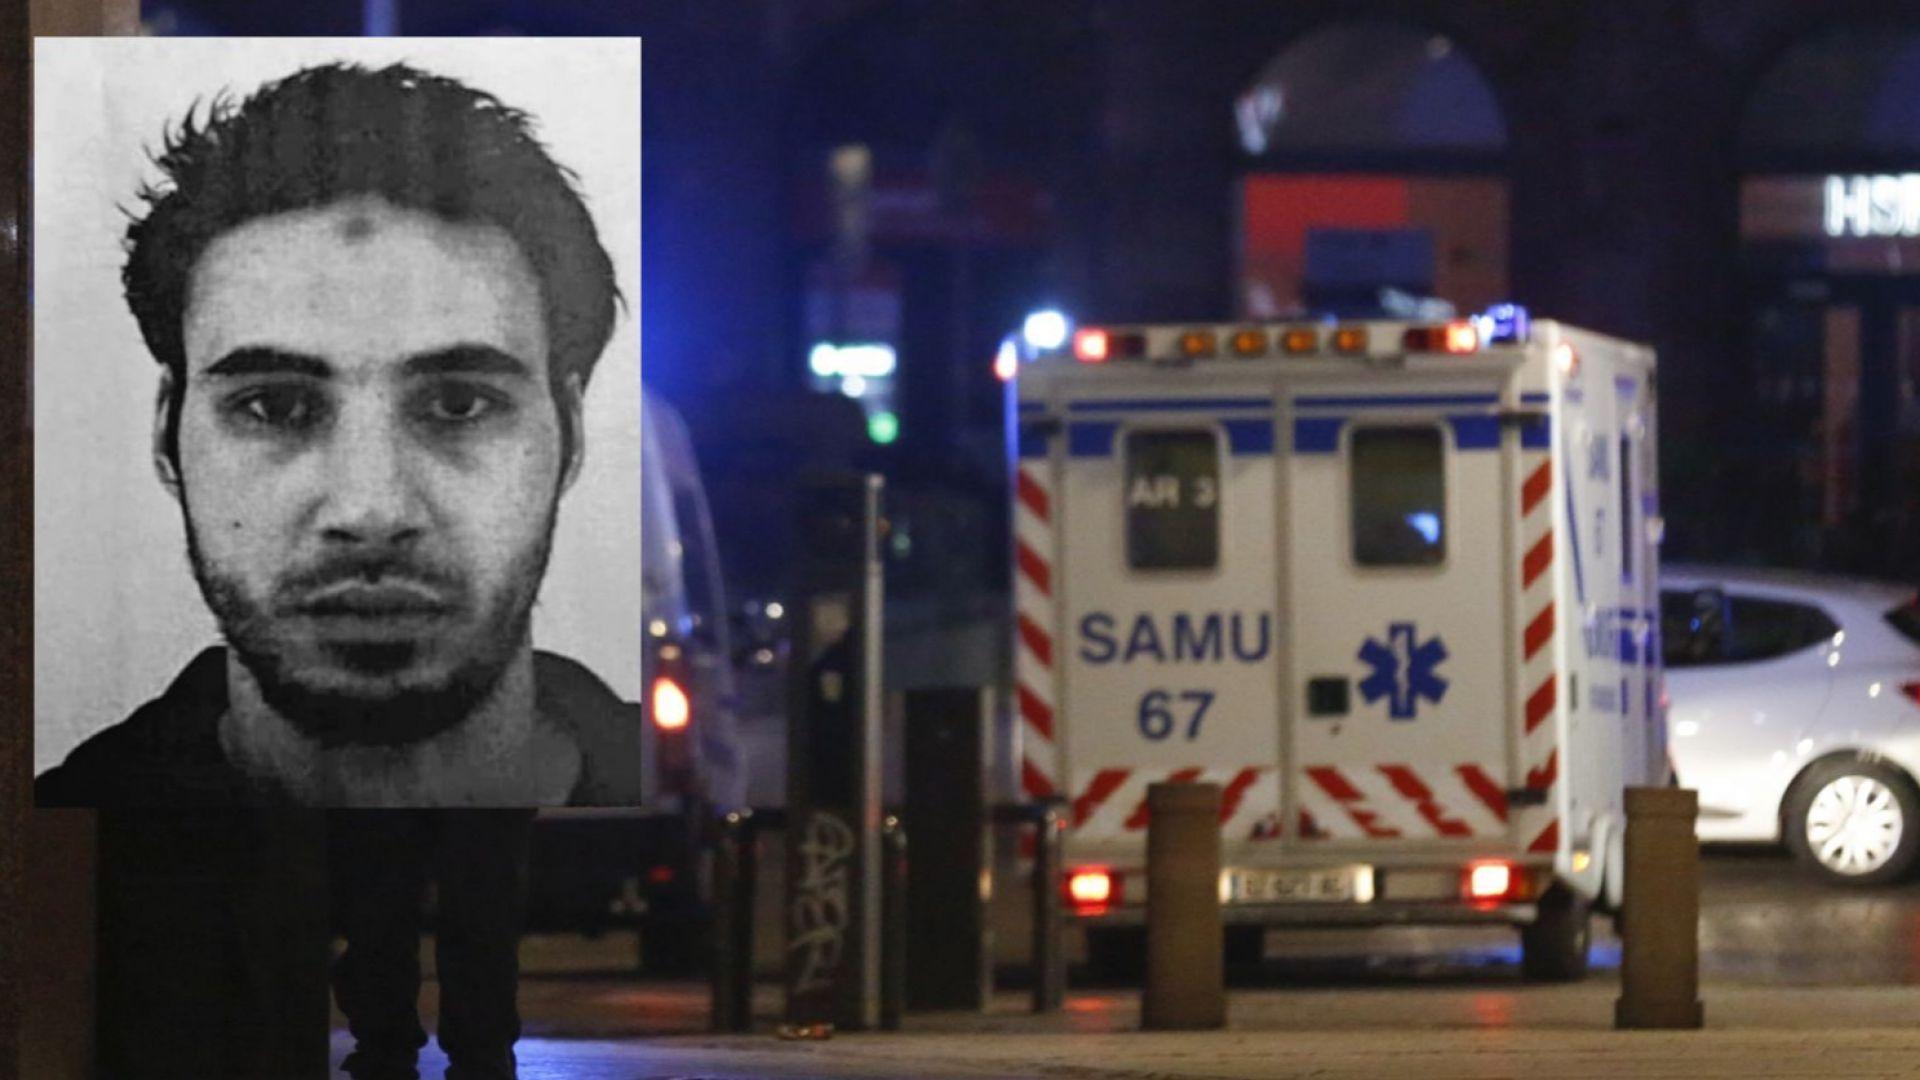 Броят на убитите при терористичната атака на коледния базар във